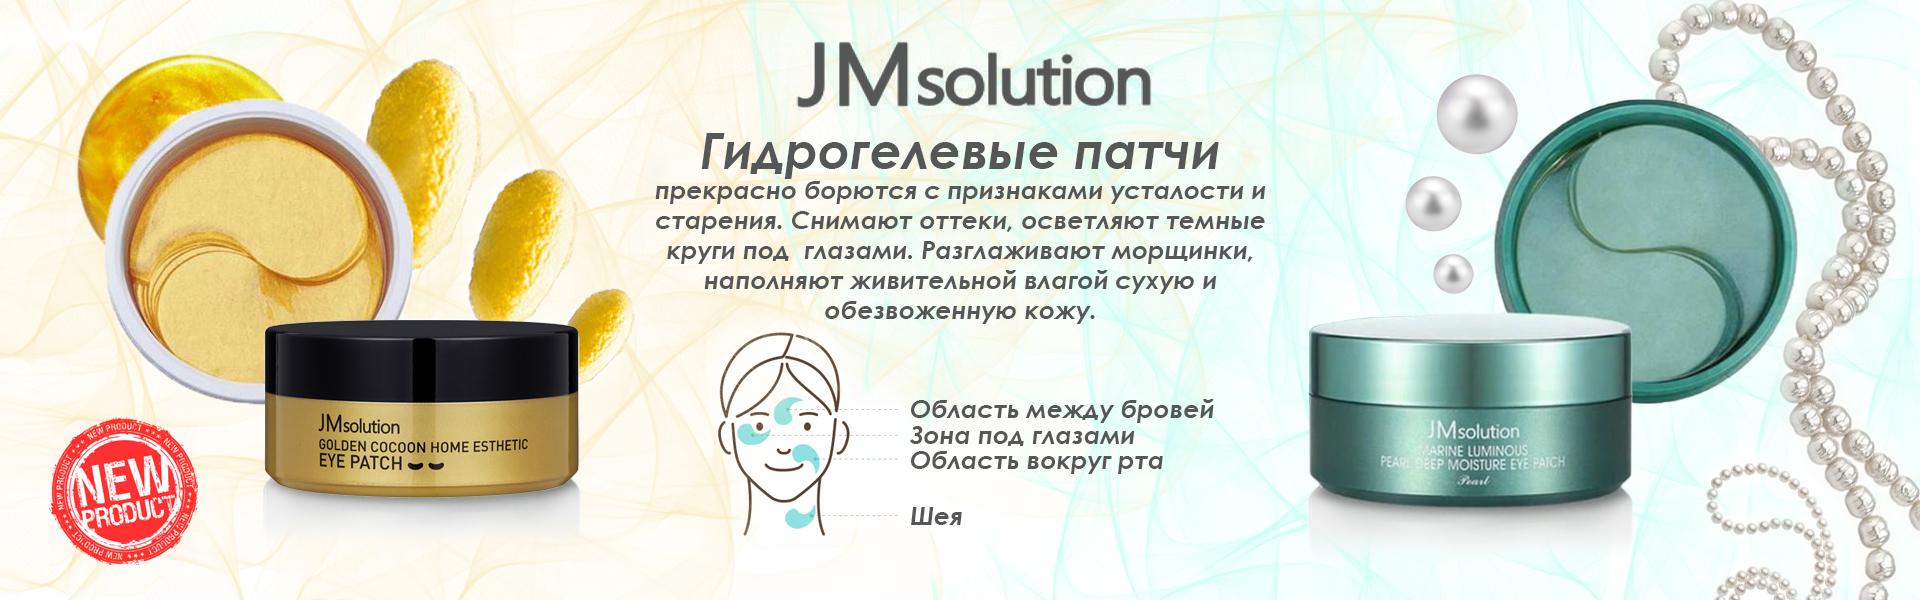 Купить косметику флер оптом в москве косметика с кислотами купить украина